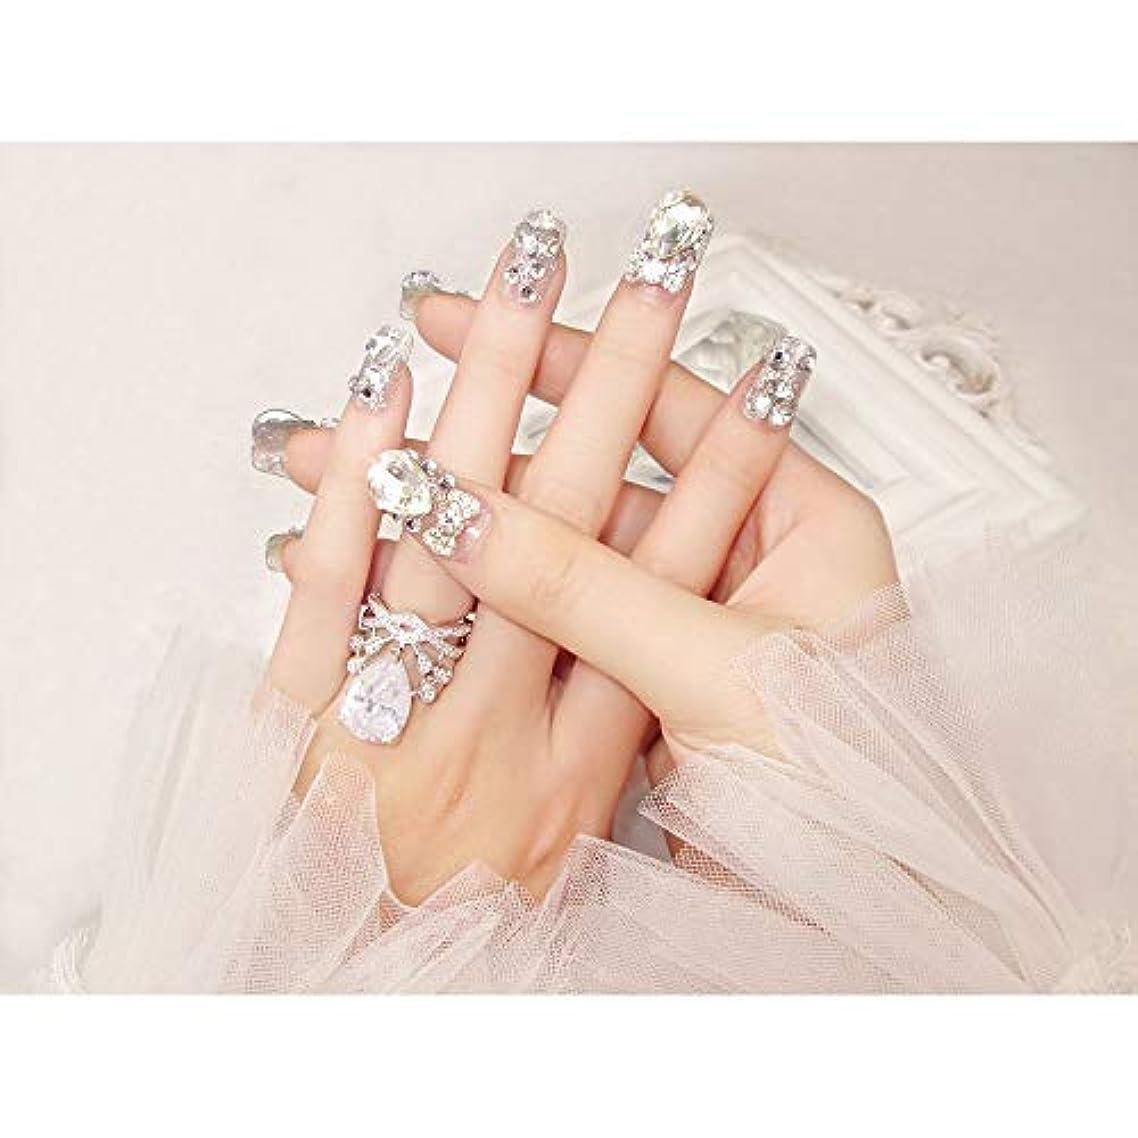 ステンレス海賊不明瞭HOHYLLYA 完成した偽の釘24ピース箱入り花嫁シャイニー偽の爪の宝石ダイヤモンドの宝石ブライダルネイルステッカー (色 : 24 pieces)